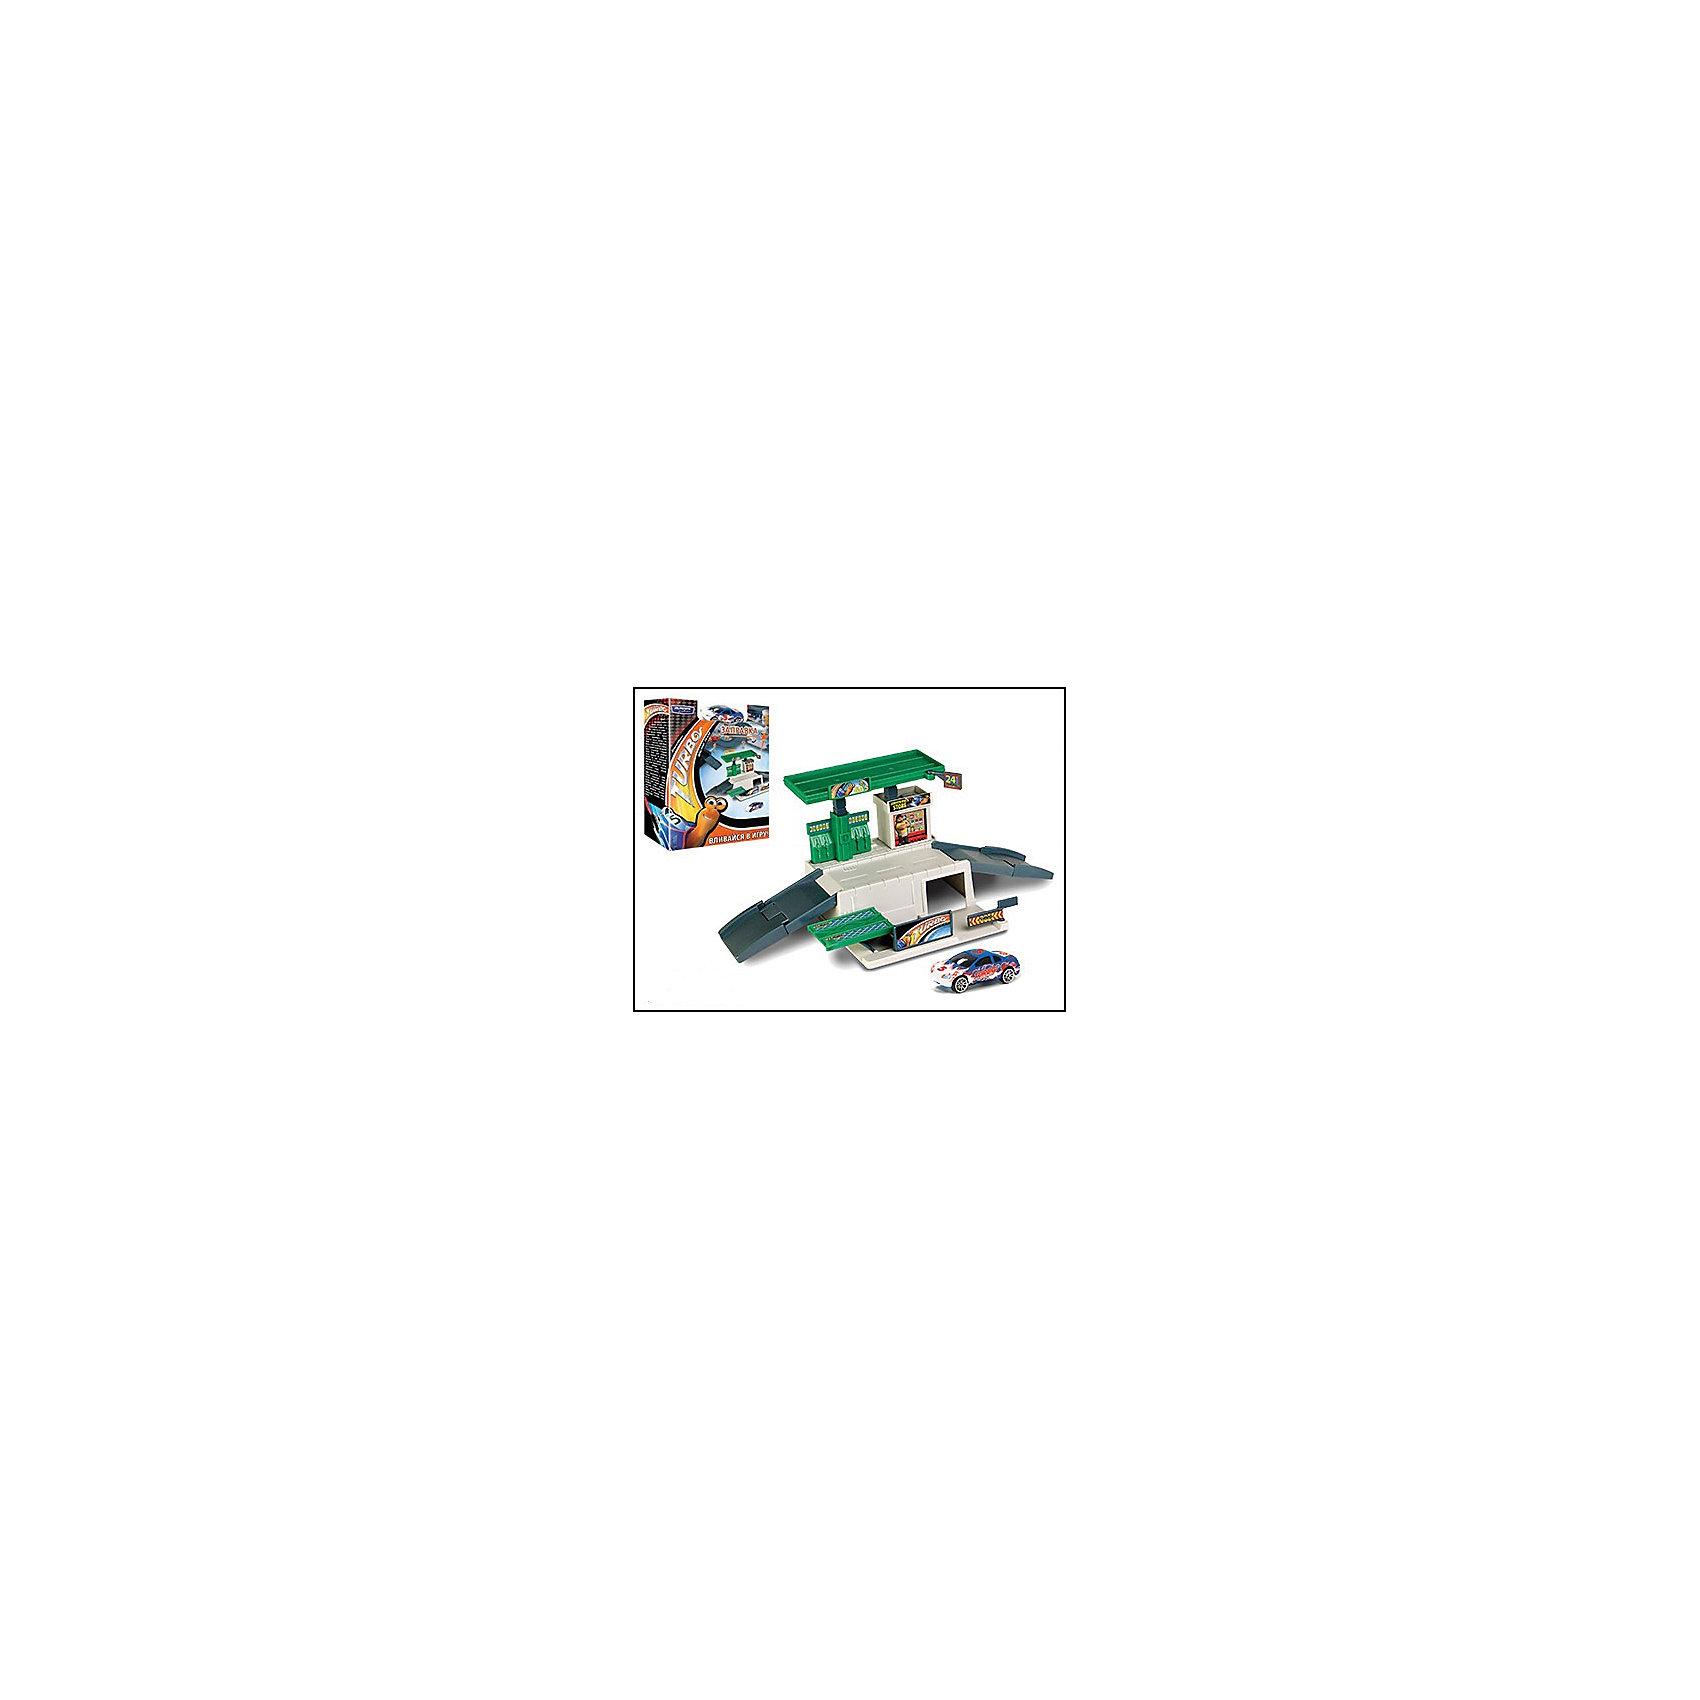 Набор Megapolis Turbo заправка с машинкой, 1:60, AutotimeМашинки<br>Набор Megapolis Turbo заправка с машинкой, 1:60, Autotime (Автотайм).<br><br>Характеристики:<br><br>• В наборе: элементы для сборки заправки, металлическая машинка, наклейки<br>• Масштаб 1:60<br>• Уменьшенная копия настоящей заправочной станции<br>• Равномерное окрашивание элементов, отсутствие острых углов и краев<br>• Высокое качество литья деталей<br>• Легкая сборка<br>• Материал: металл, прочный пластик<br>• Упаковка: картонная коробка<br>• Размер упаковки: 21,5х15,5х6,5 см.<br><br>Постройте свою собственную заправку с платформой для заезда и выезда, бензиновыми колонками, гаражом со шлагбаумом и дорожным мини-магазинчиком! Заправляйте бензином и паркуйте в гараже не только машинку из набора, но и весь свой автопарк моделек, подходящих по размеру! Набор совместим с другими наборами из серии Мегаполис.<br><br>Набор Megapolis Turbo заправку с машинкой, 1:60, Autotime (Автотайм) можно купить в нашем интернет-магазине.<br><br>Ширина мм: 350<br>Глубина мм: 120<br>Высота мм: 158<br>Вес г: 288<br>Возраст от месяцев: 36<br>Возраст до месяцев: 2147483647<br>Пол: Мужской<br>Возраст: Детский<br>SKU: 5583854